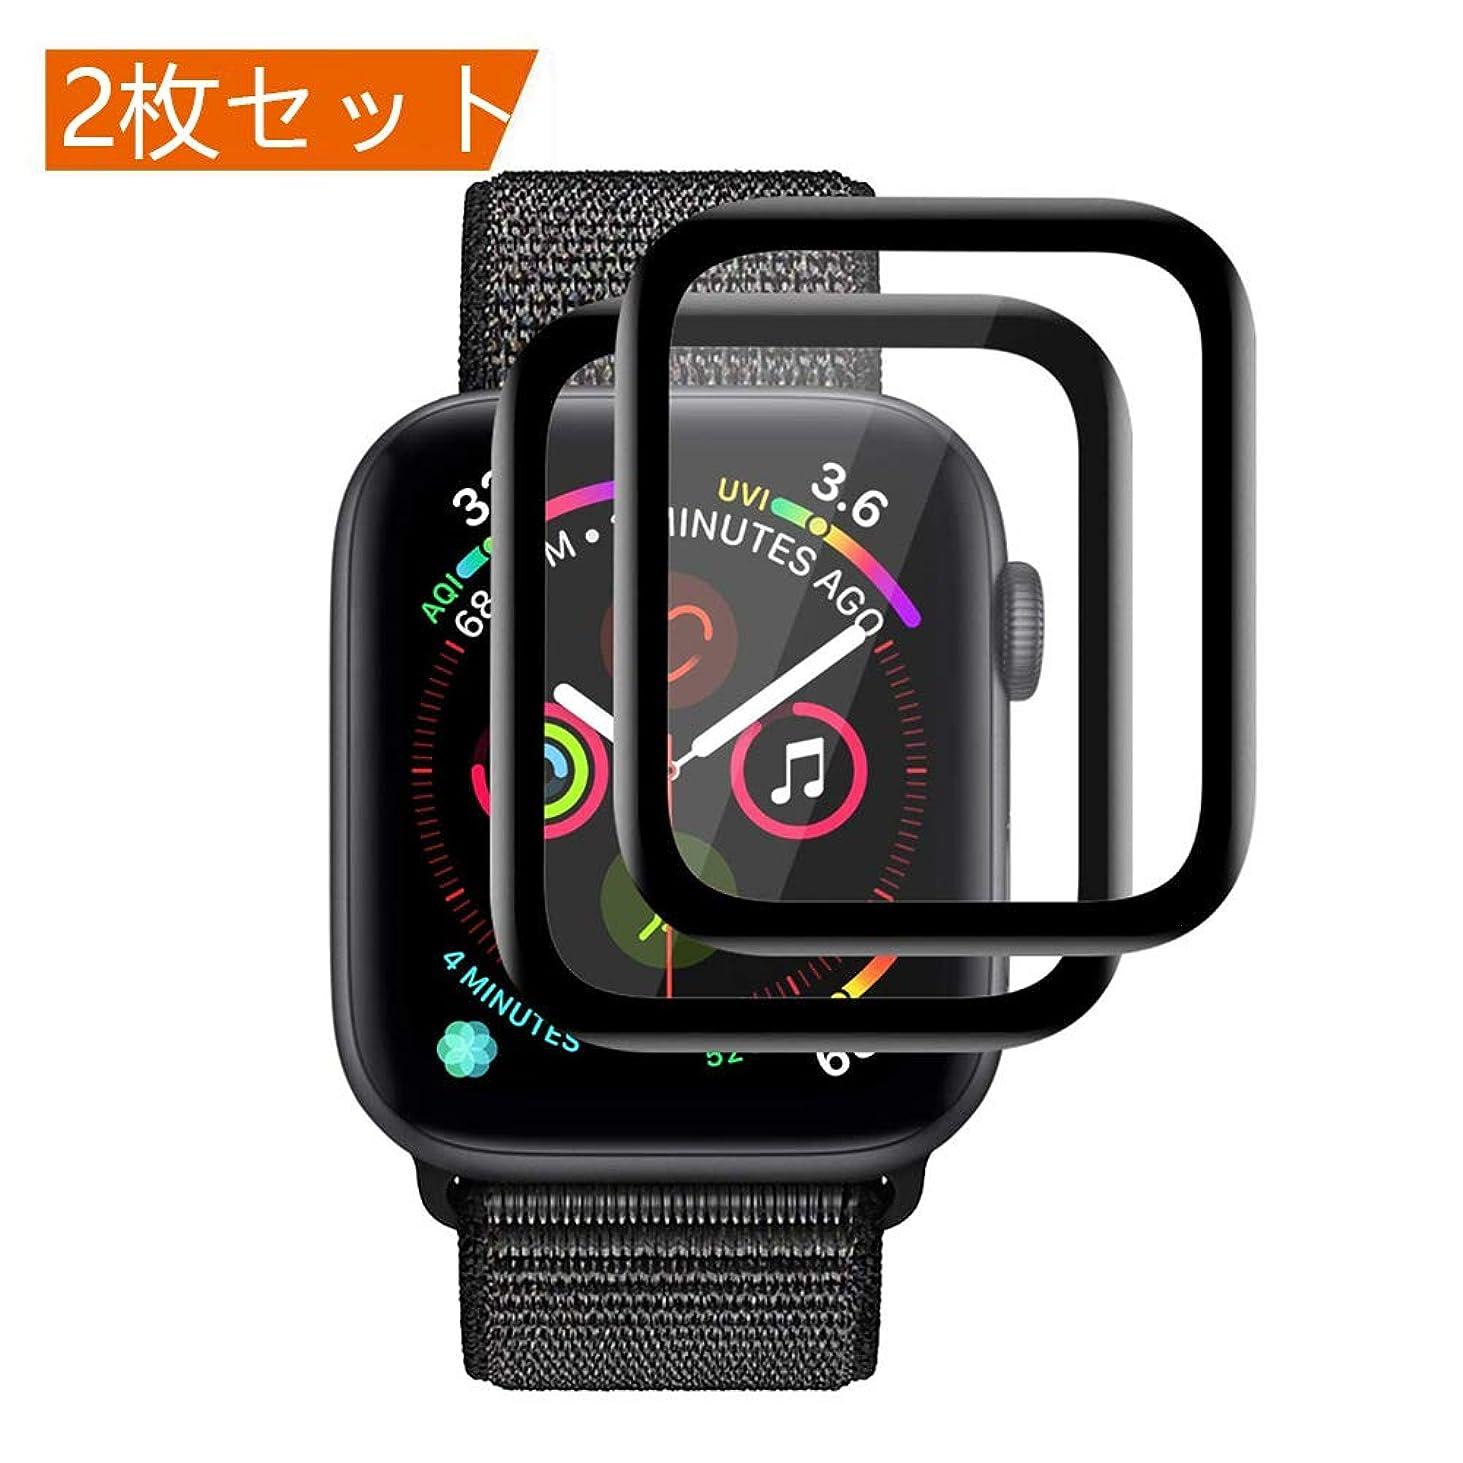 立派な寄託半径【3D全面粘着】Apple Watch フィルム Apple Watch 44MM ガラスフィルム 【2019強化版】3D曲面カバー 高透過率 防指紋 硬度9H HD画面対応 耐久性 撥油性 気泡防止 アップル ウォッチ シリーズ Apple Watch Series 4 44MM 保護フィルム【44MM-黒 2枚】